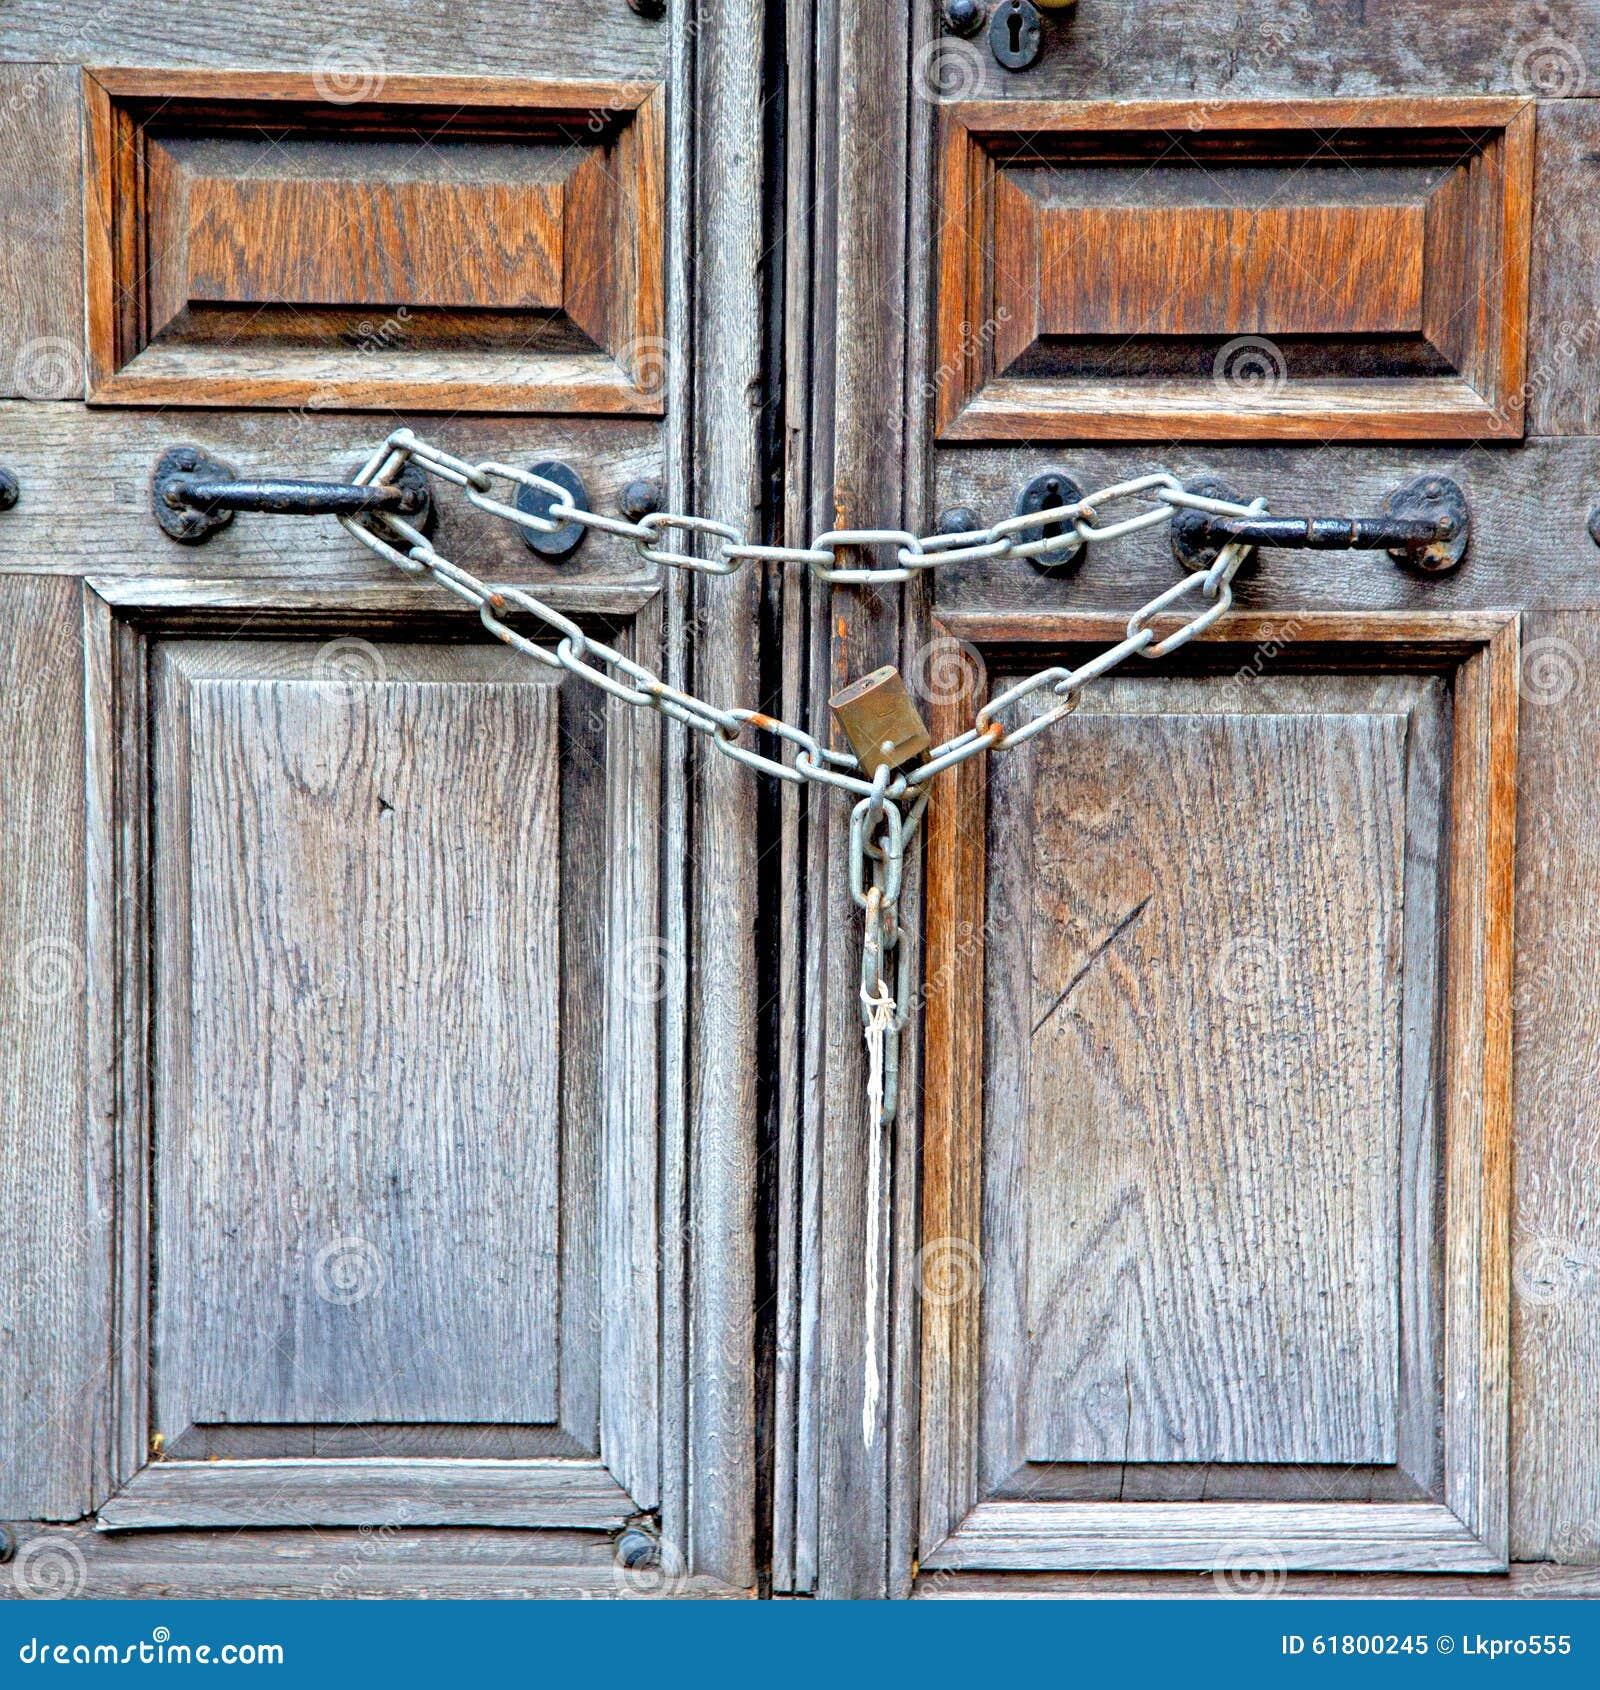 παλαιά πόρτα του Λονδίνου στην Αγγλία και αρθρωμένος